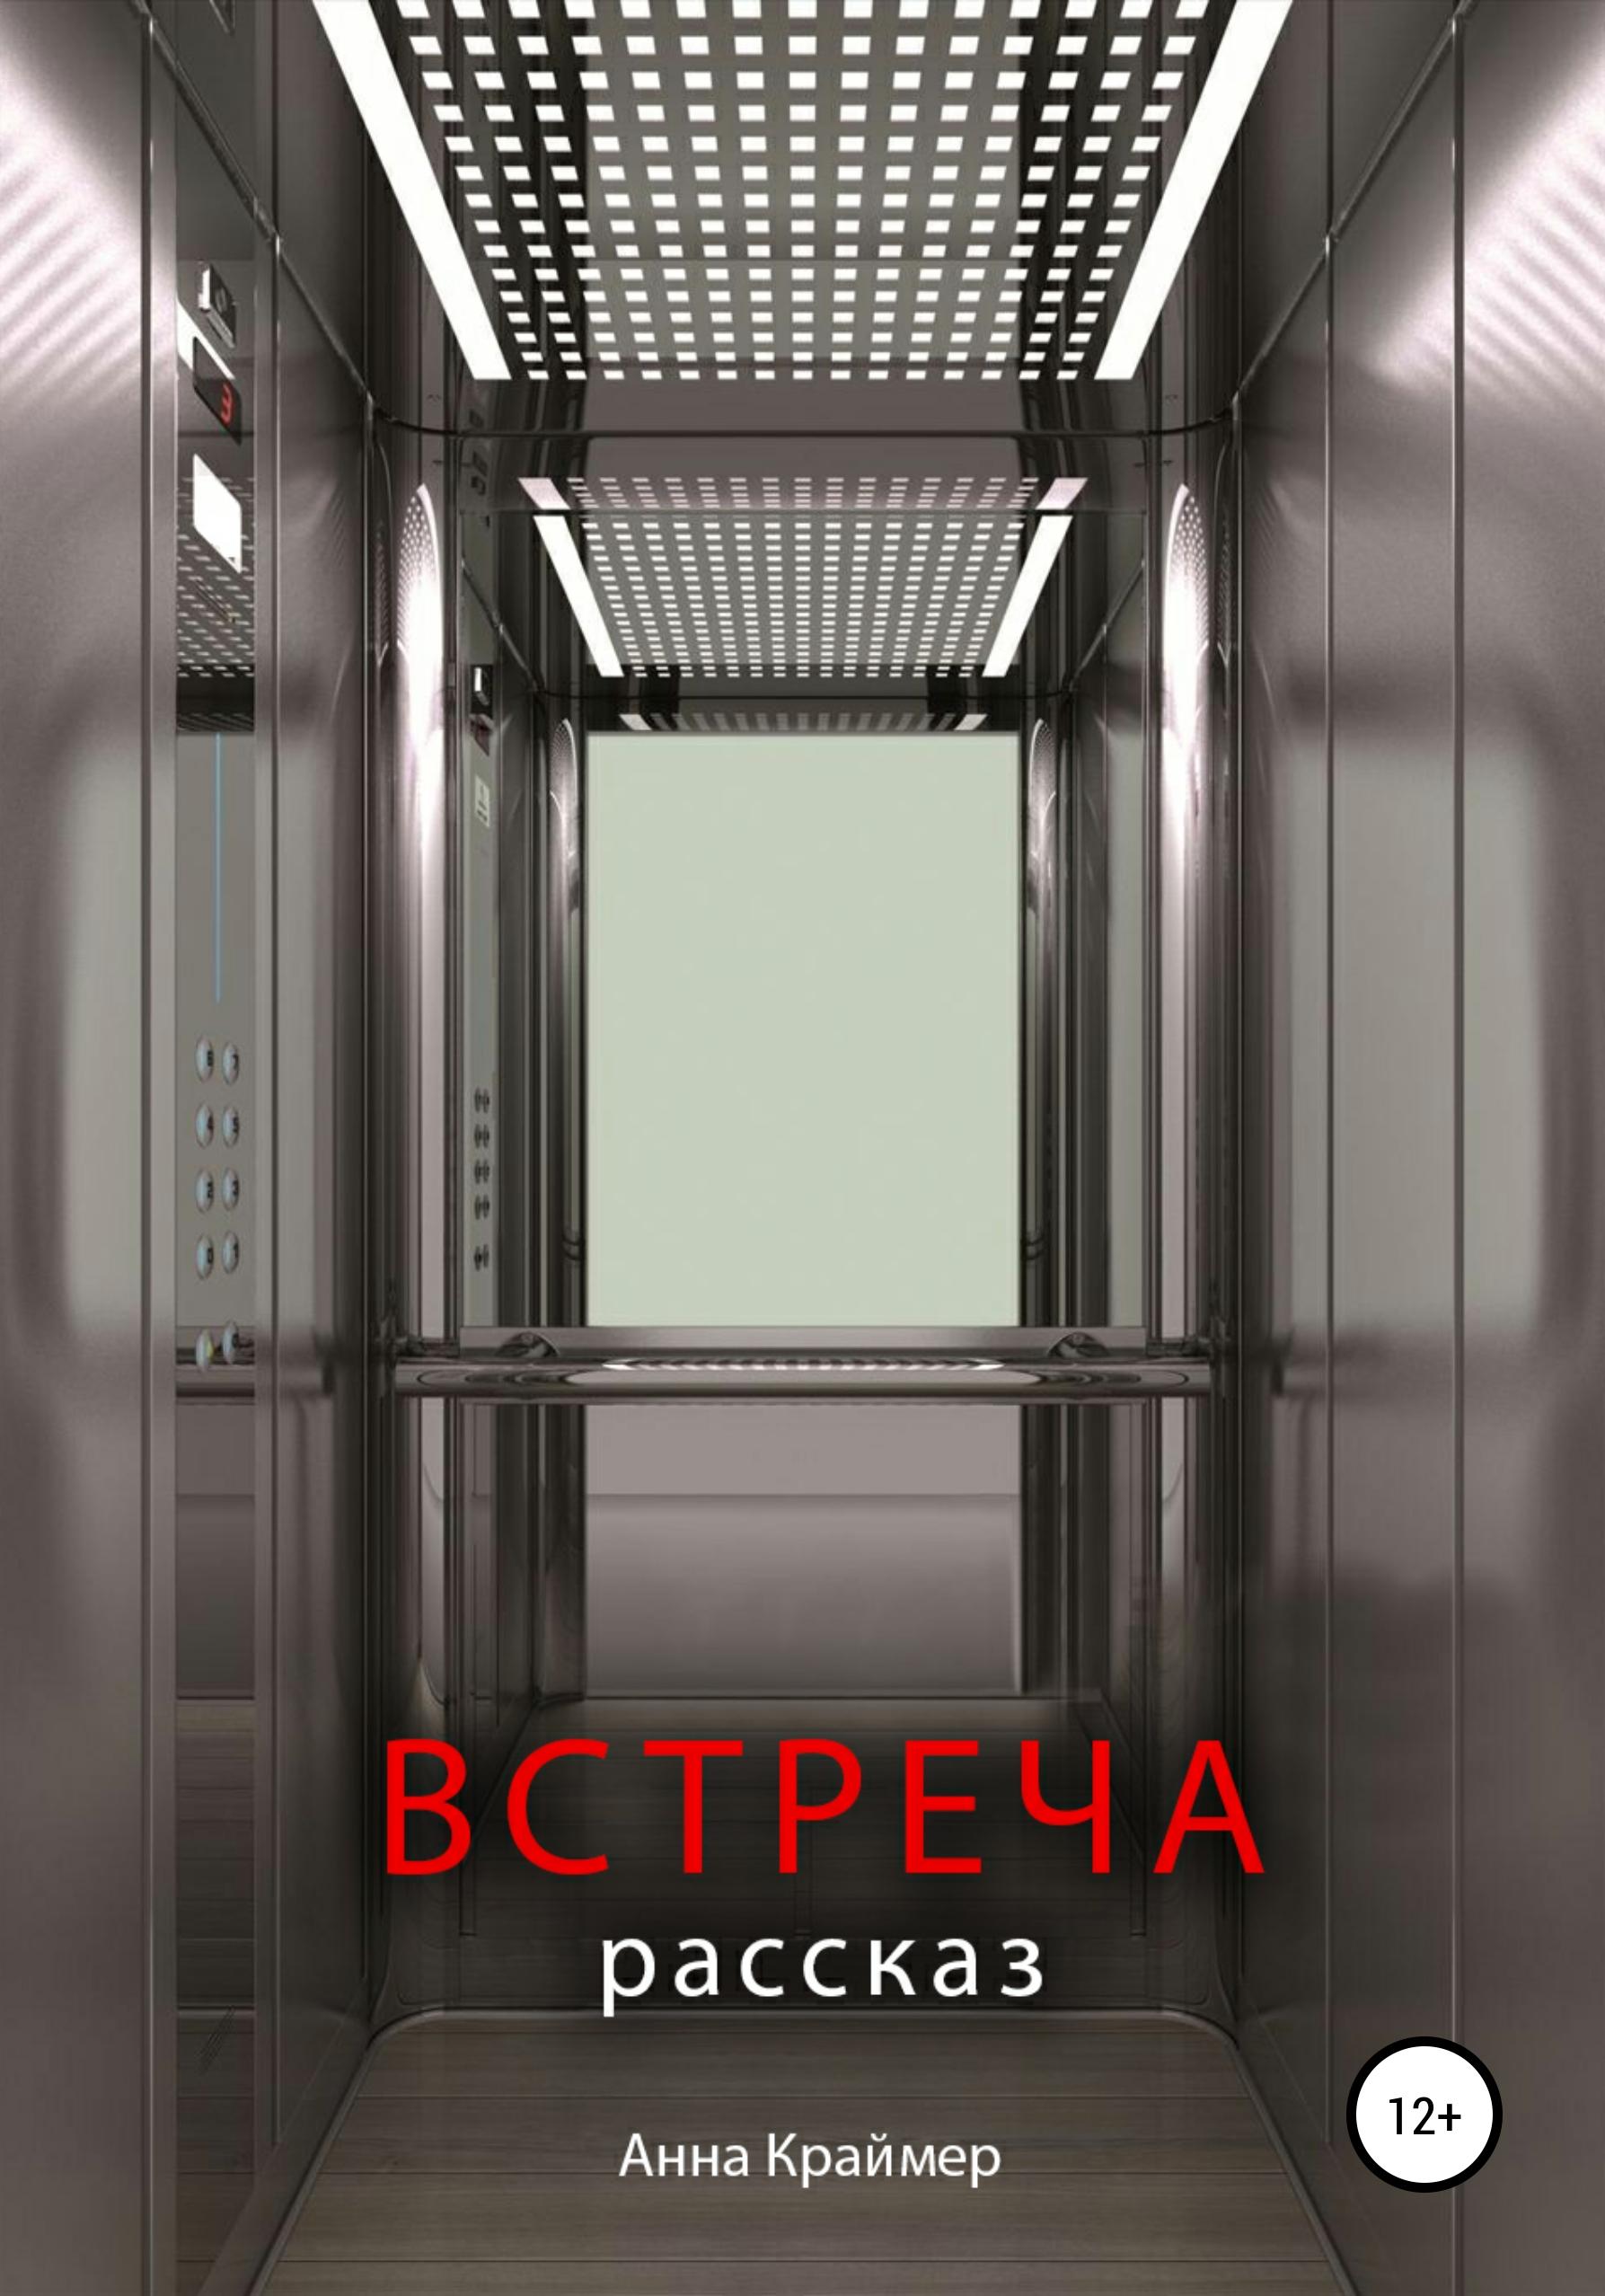 Купить книгу Встреча, автора Анны Краймер